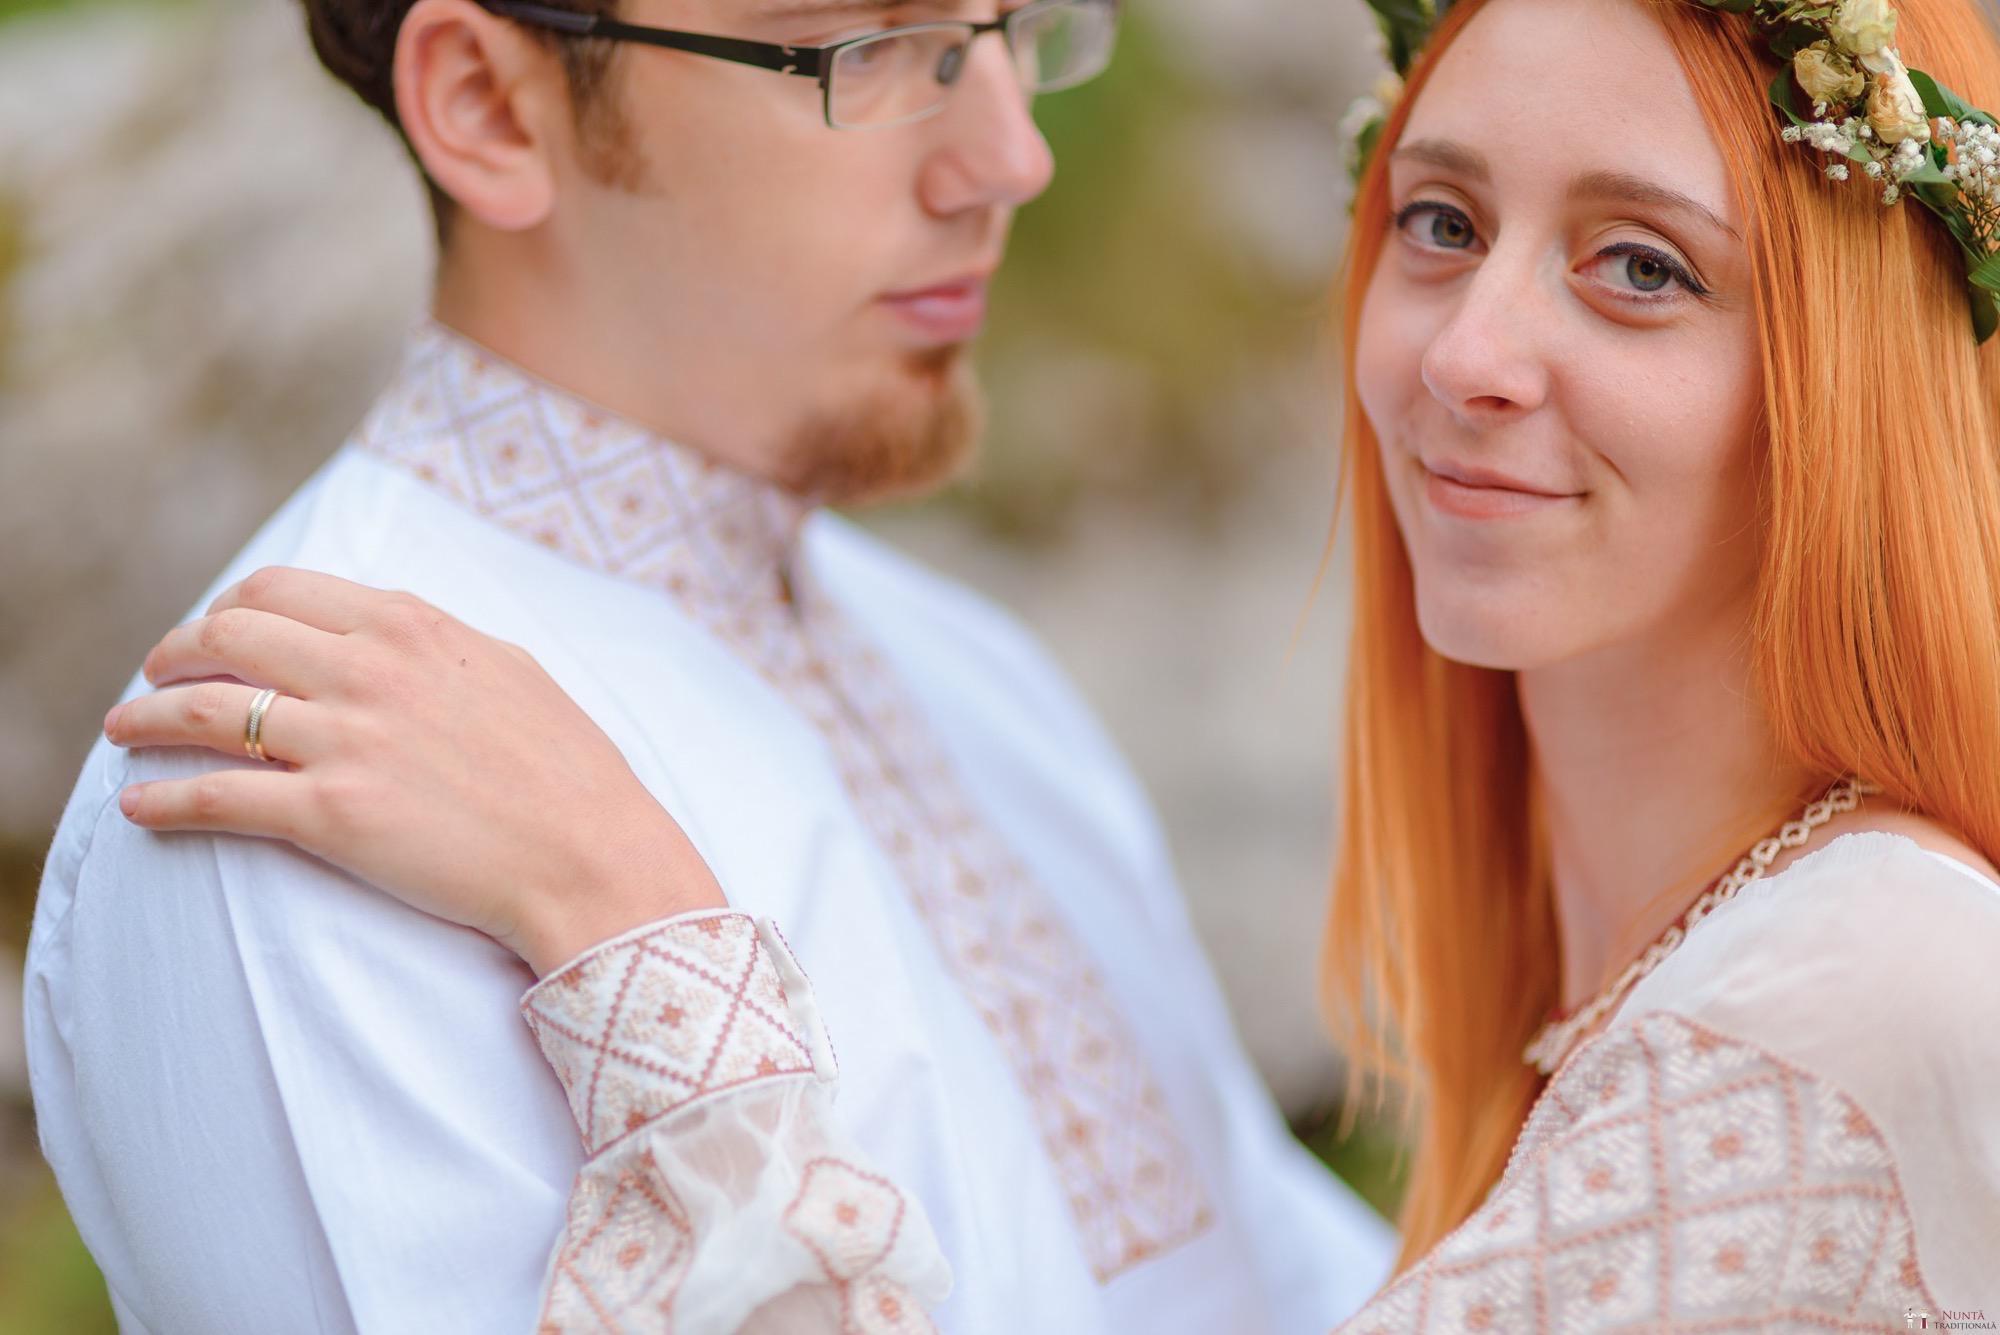 Povești Nunți Tradiționale - Aurelian și Sonia. Nuntă tradițională în Câmpulung Moldovenesc 26